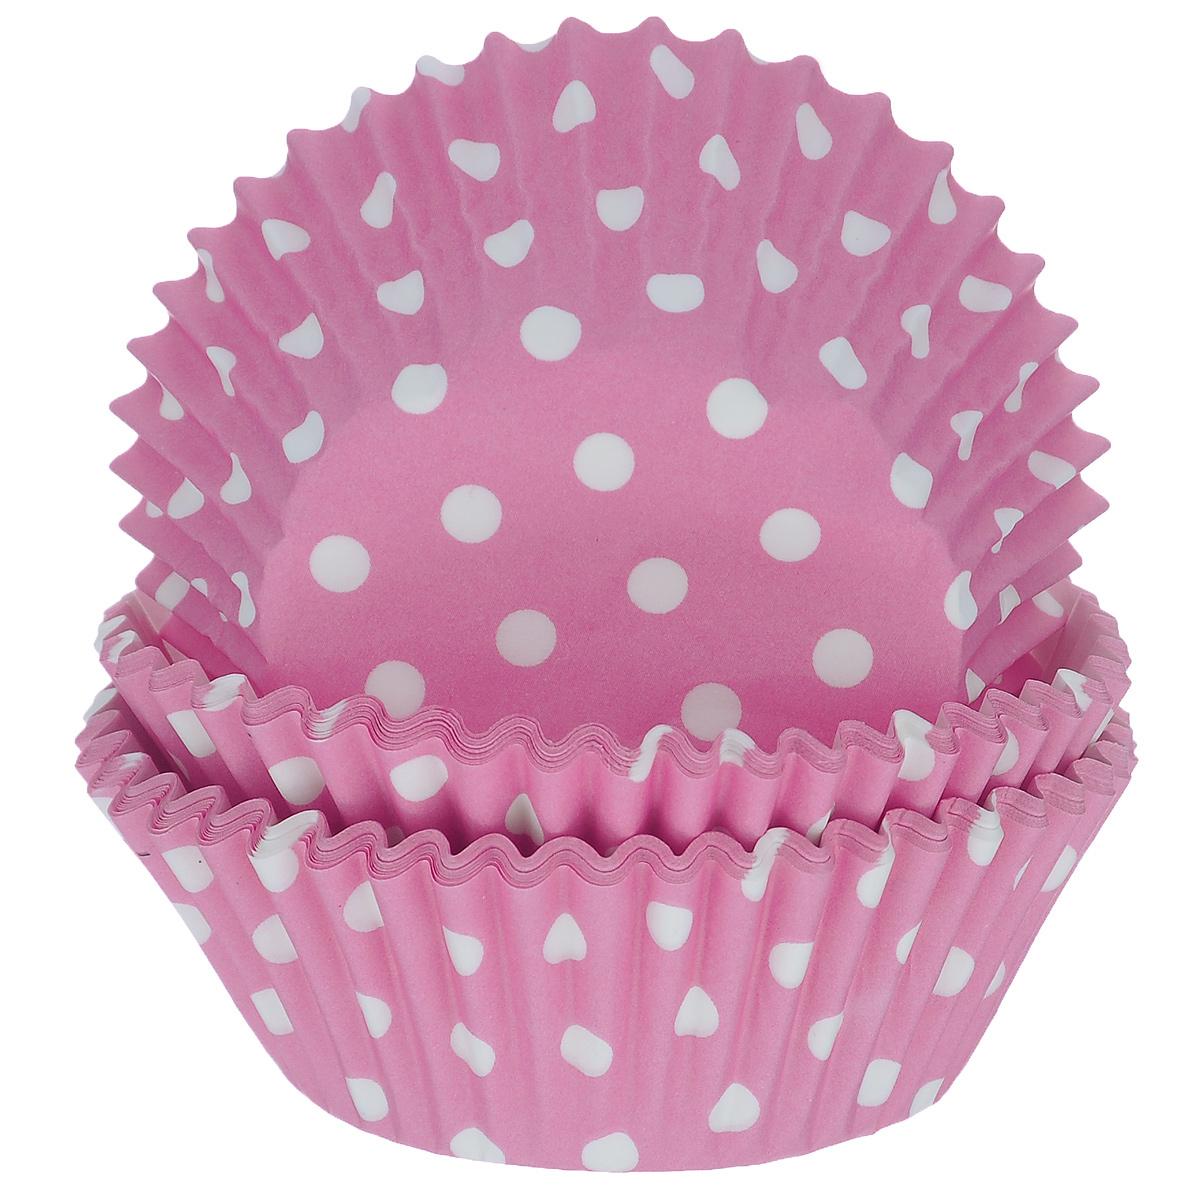 Набор бумажных форм для кексов Dolce Arti Горошек, цвет: розовый, диаметр дна 5 см, 50 штDA080205Набор Dolce Arti Горошек состоит из 50 бумажных форм для кексов, оформленных принтом в горох. Они предназначены для выпечки и упаковки кондитерских изделий, также могут использоваться для сервировки орешков, конфет и много другого. Для одноразового применения. Гофрированные бумажные формы идеальны для выпечки кексов, булочек и пирожных.Высота стенки: 3 см. Диаметр (по верхнему краю): 7 см.Диаметр дна: 5 см.